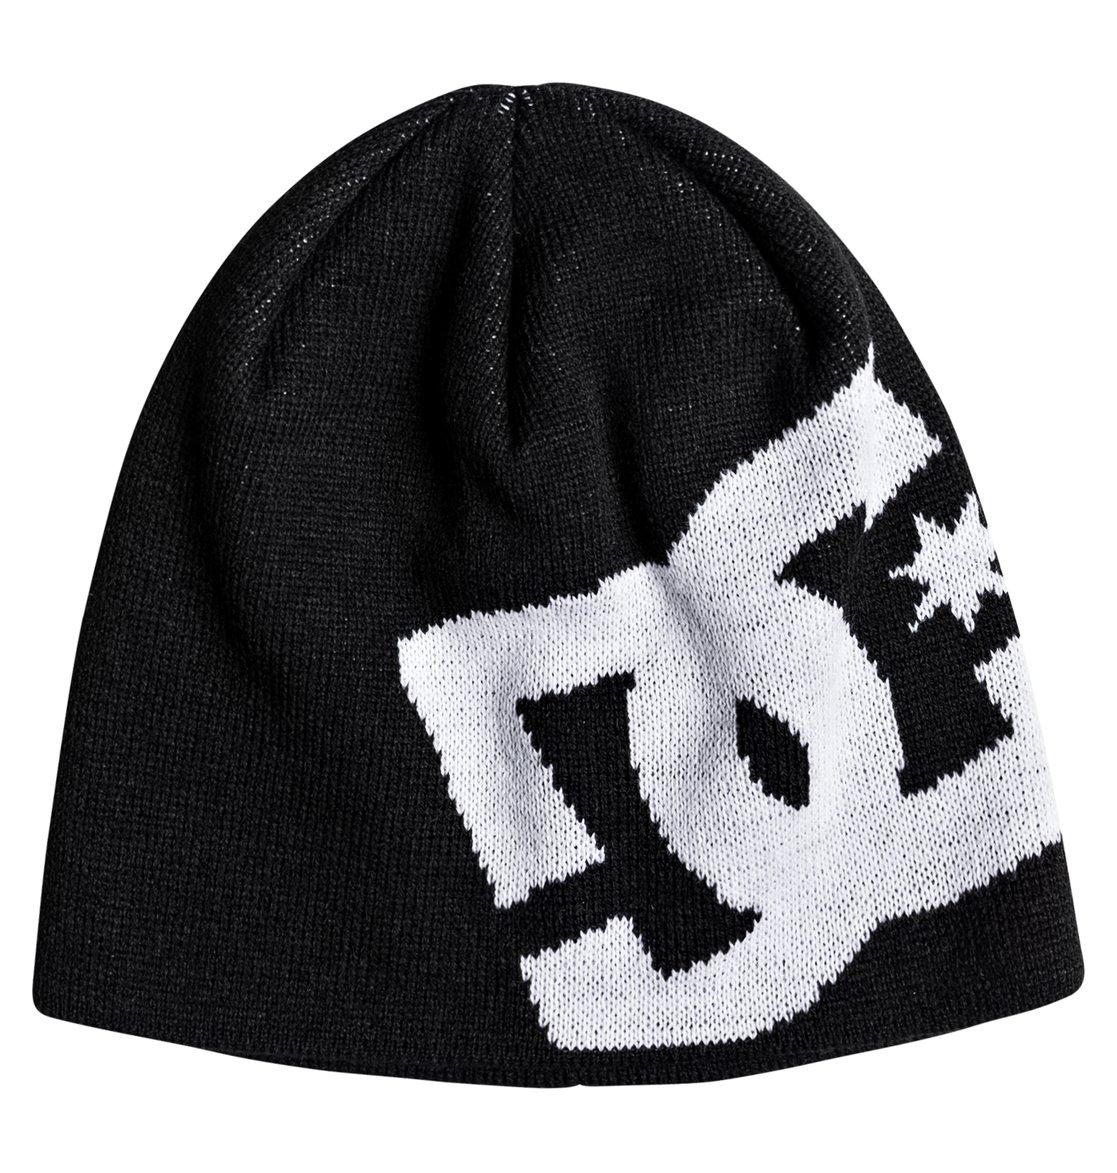 1 Big Star - Beanie for Boys 8-16 Black 73310007 DC Shoes 5fabdeb97b6